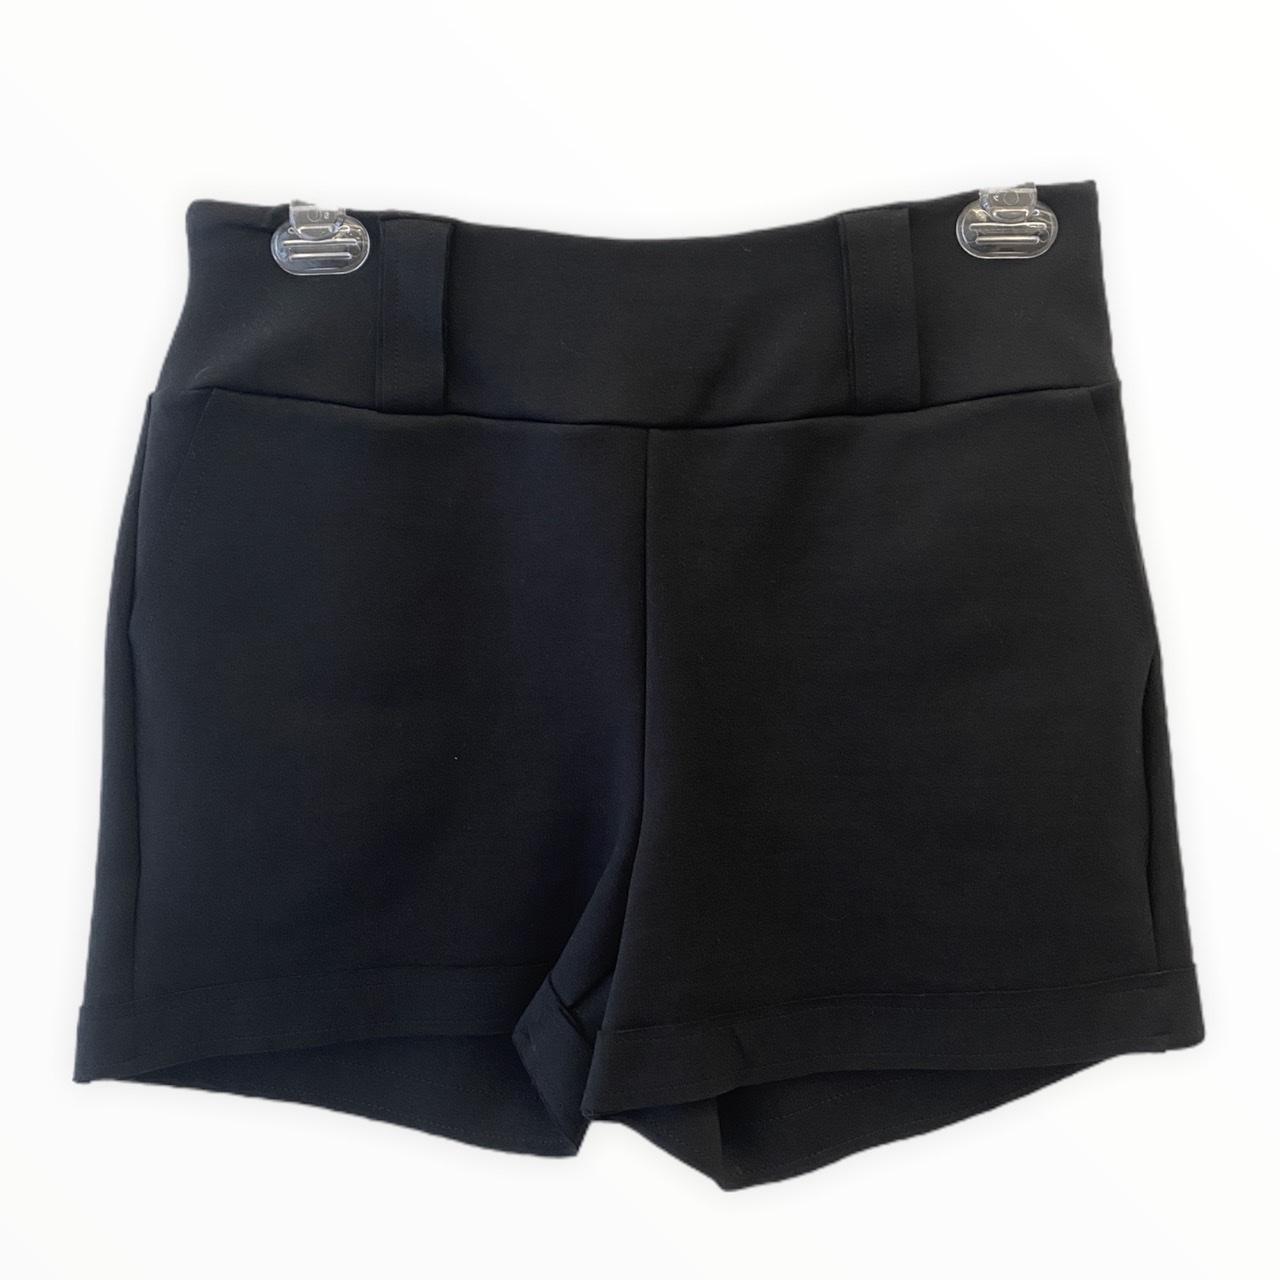 Shorts em neoprene preto com detalhes botões marmorizados